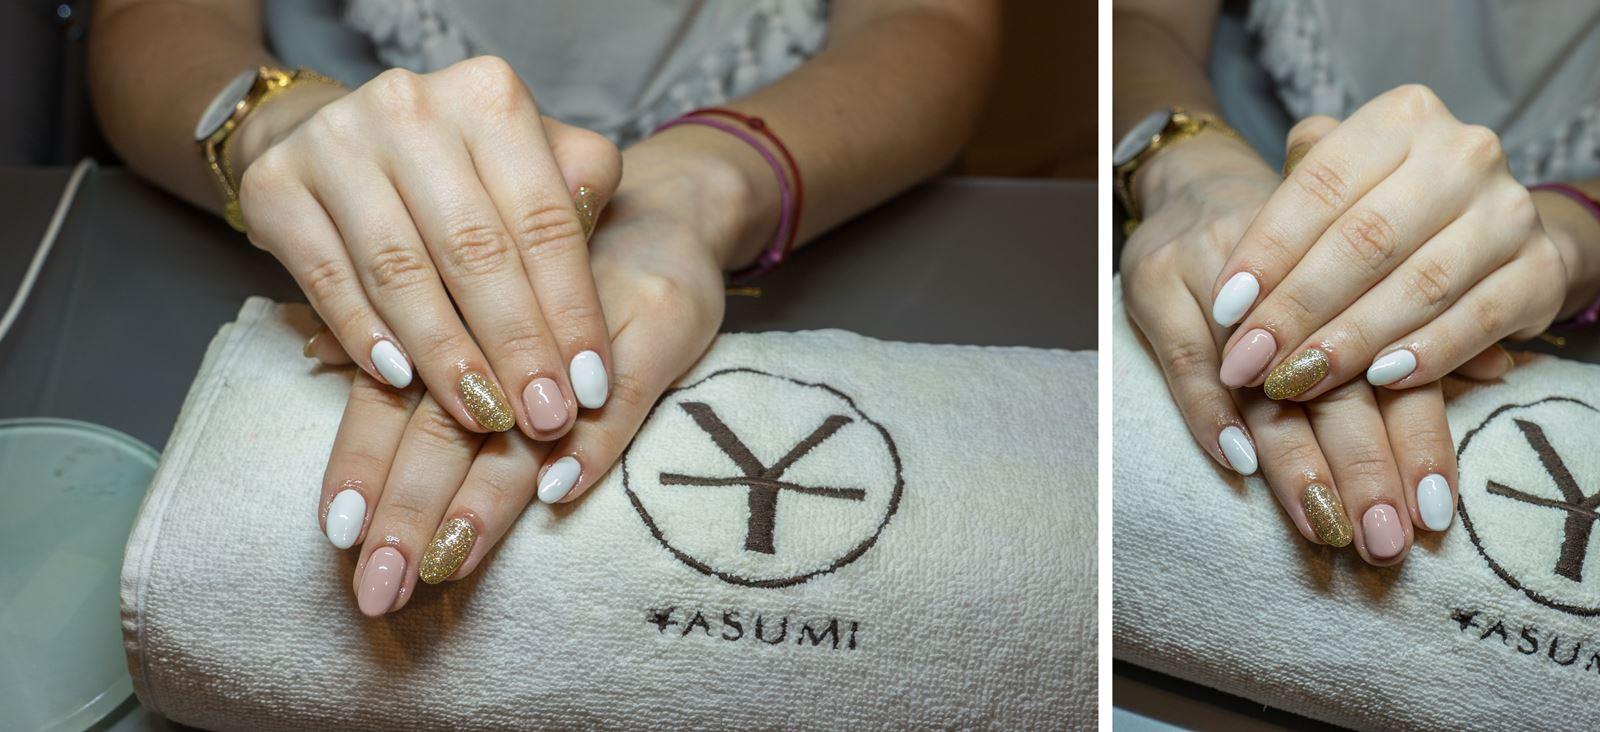 prezent marzeń dla dziewczyny jaki prezent na urodziny manicure hybrydowy lodz dla koleżanki mamy siostry pomysły yasumi paznokcie hybrydy opinie recenzje cena czy warto